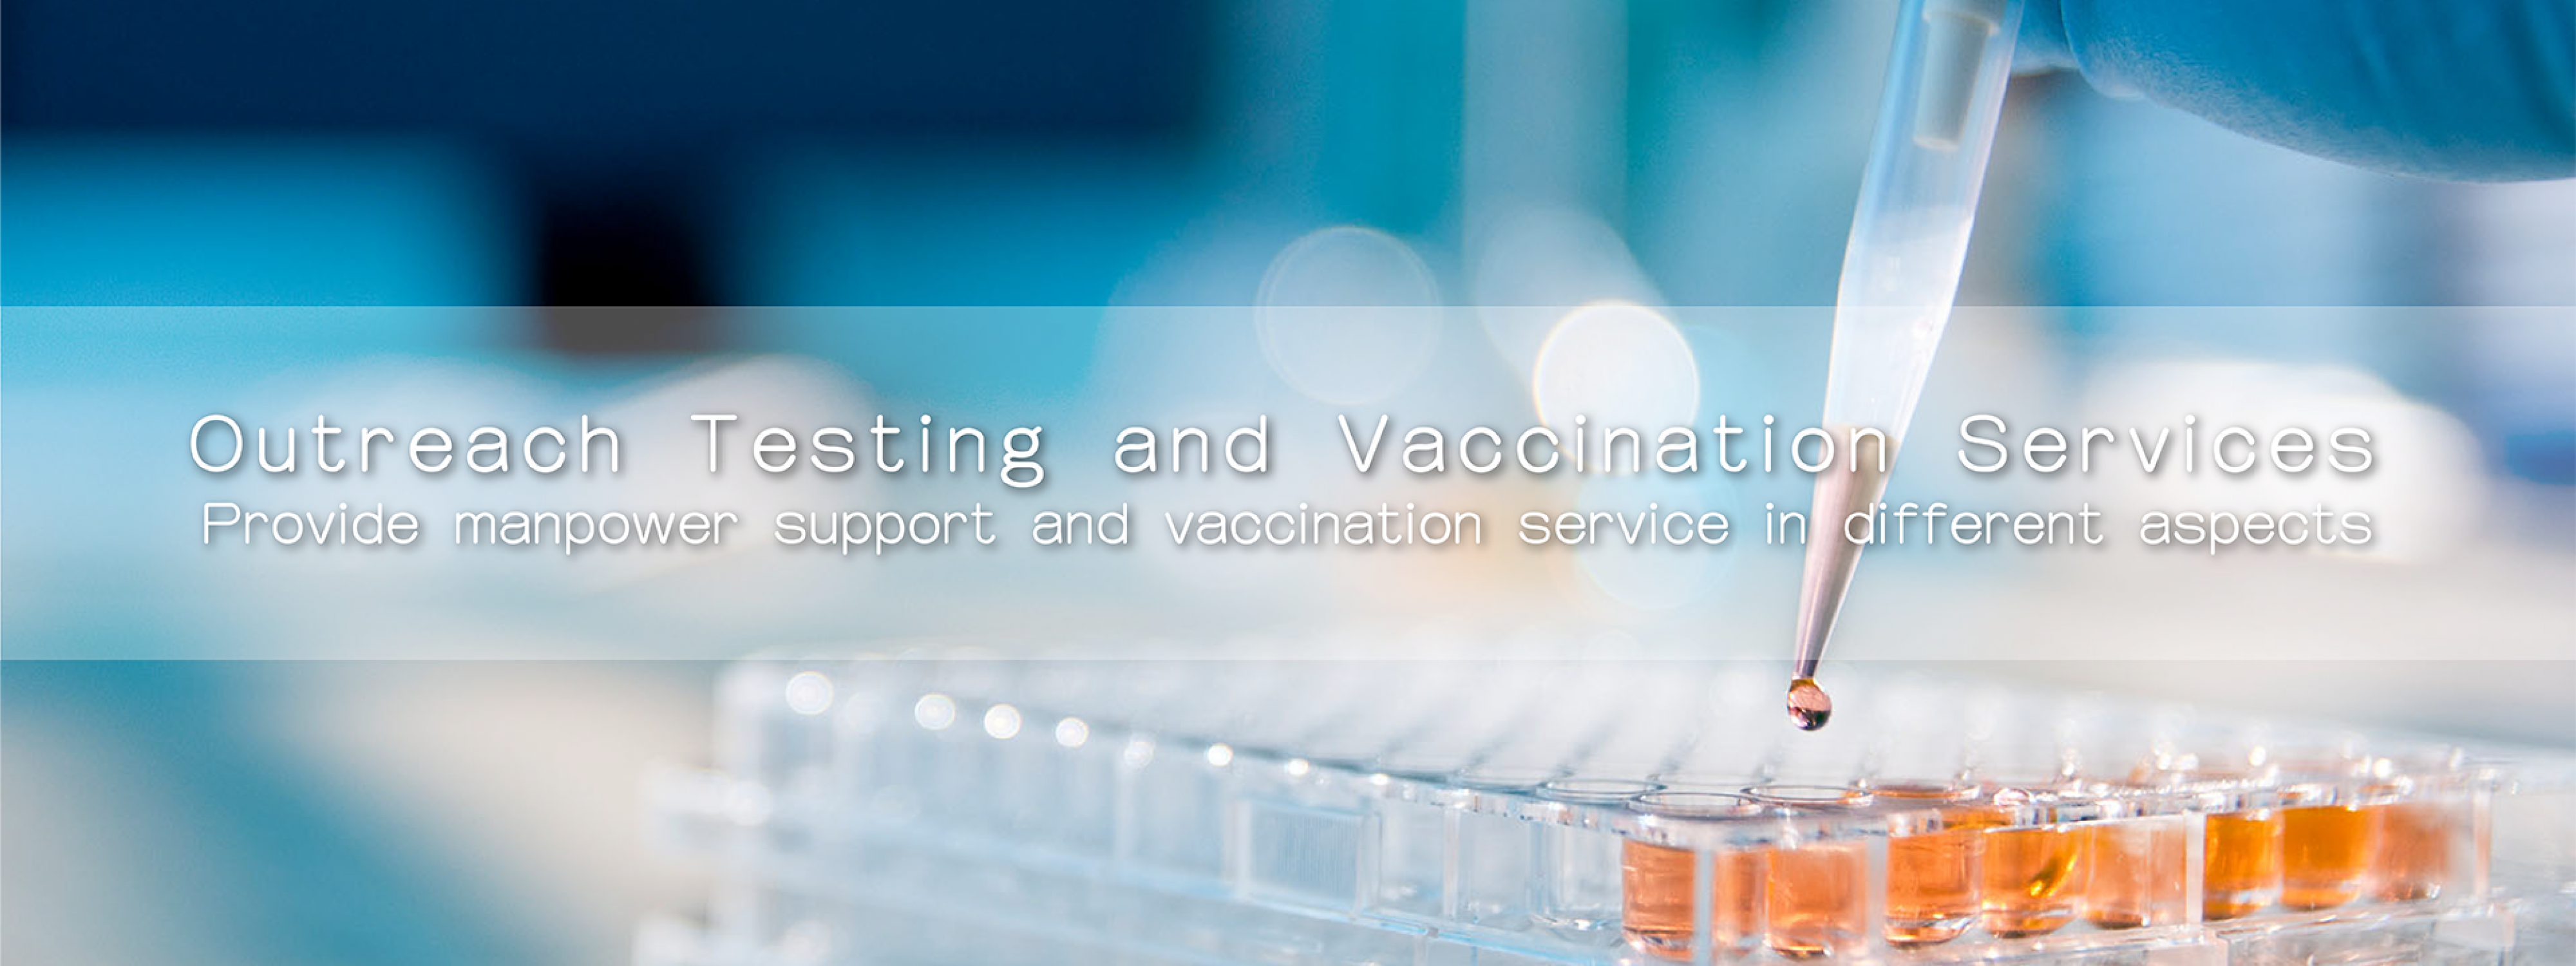 EN-Homepage top banner(疫苗)1920×750